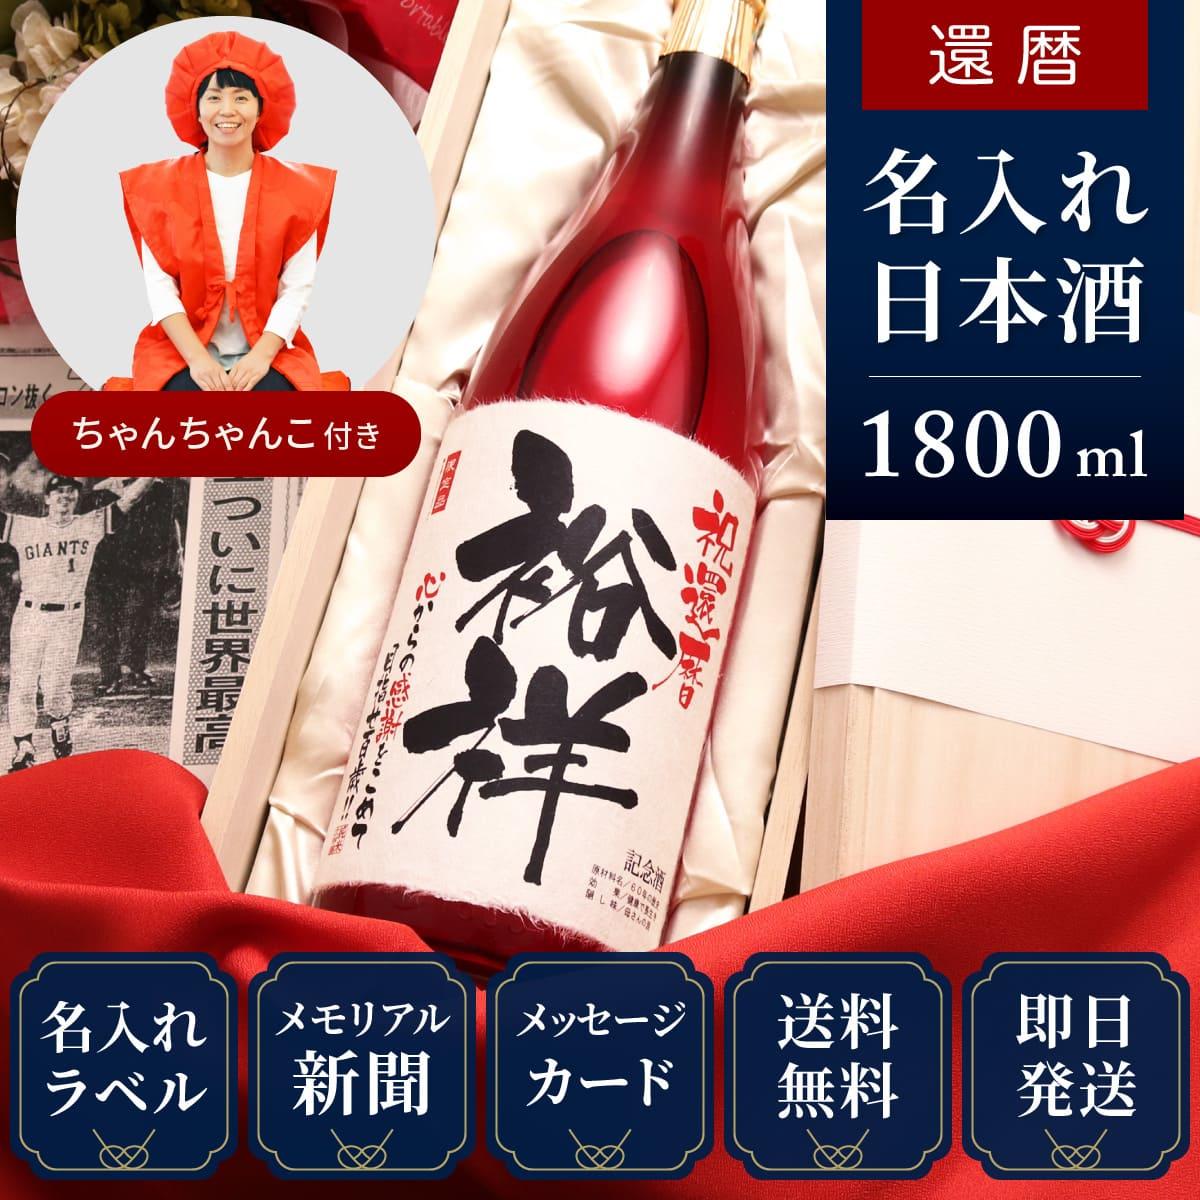 ちゃんちゃんこセット|還暦のプレゼント「真紅」父親向け贈り物(日本酒)